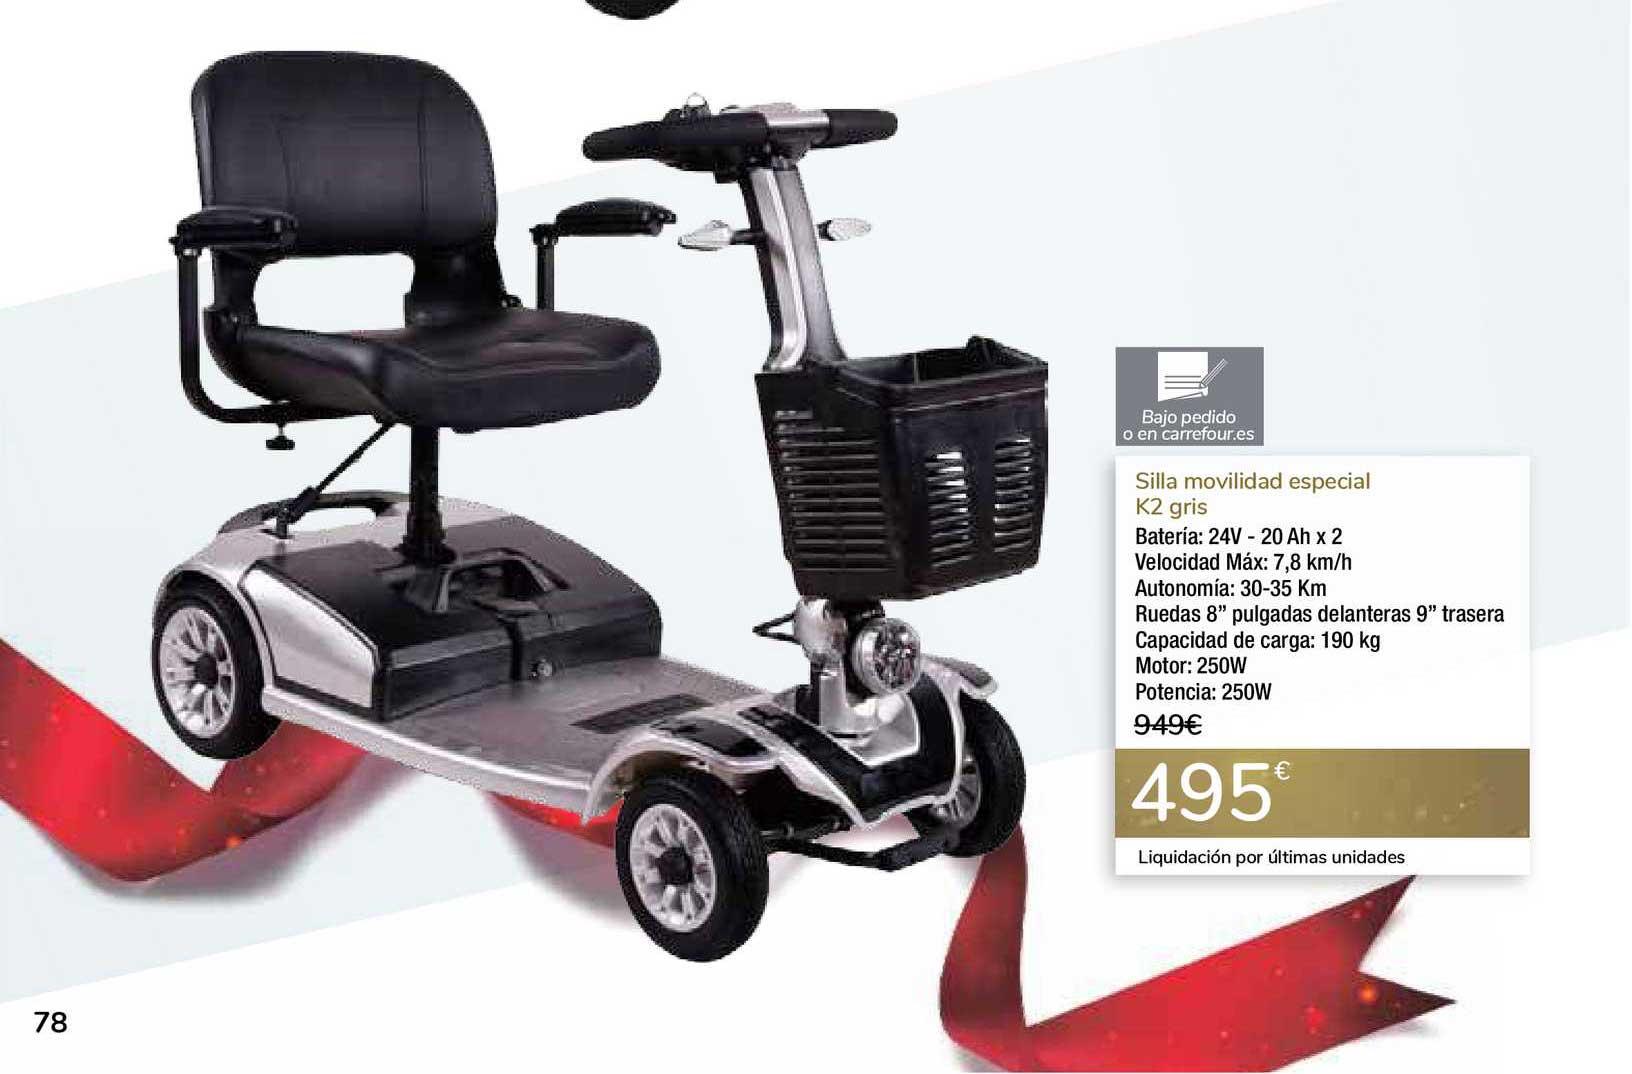 Carrefour Silla Movilidad Especial K2 Gris